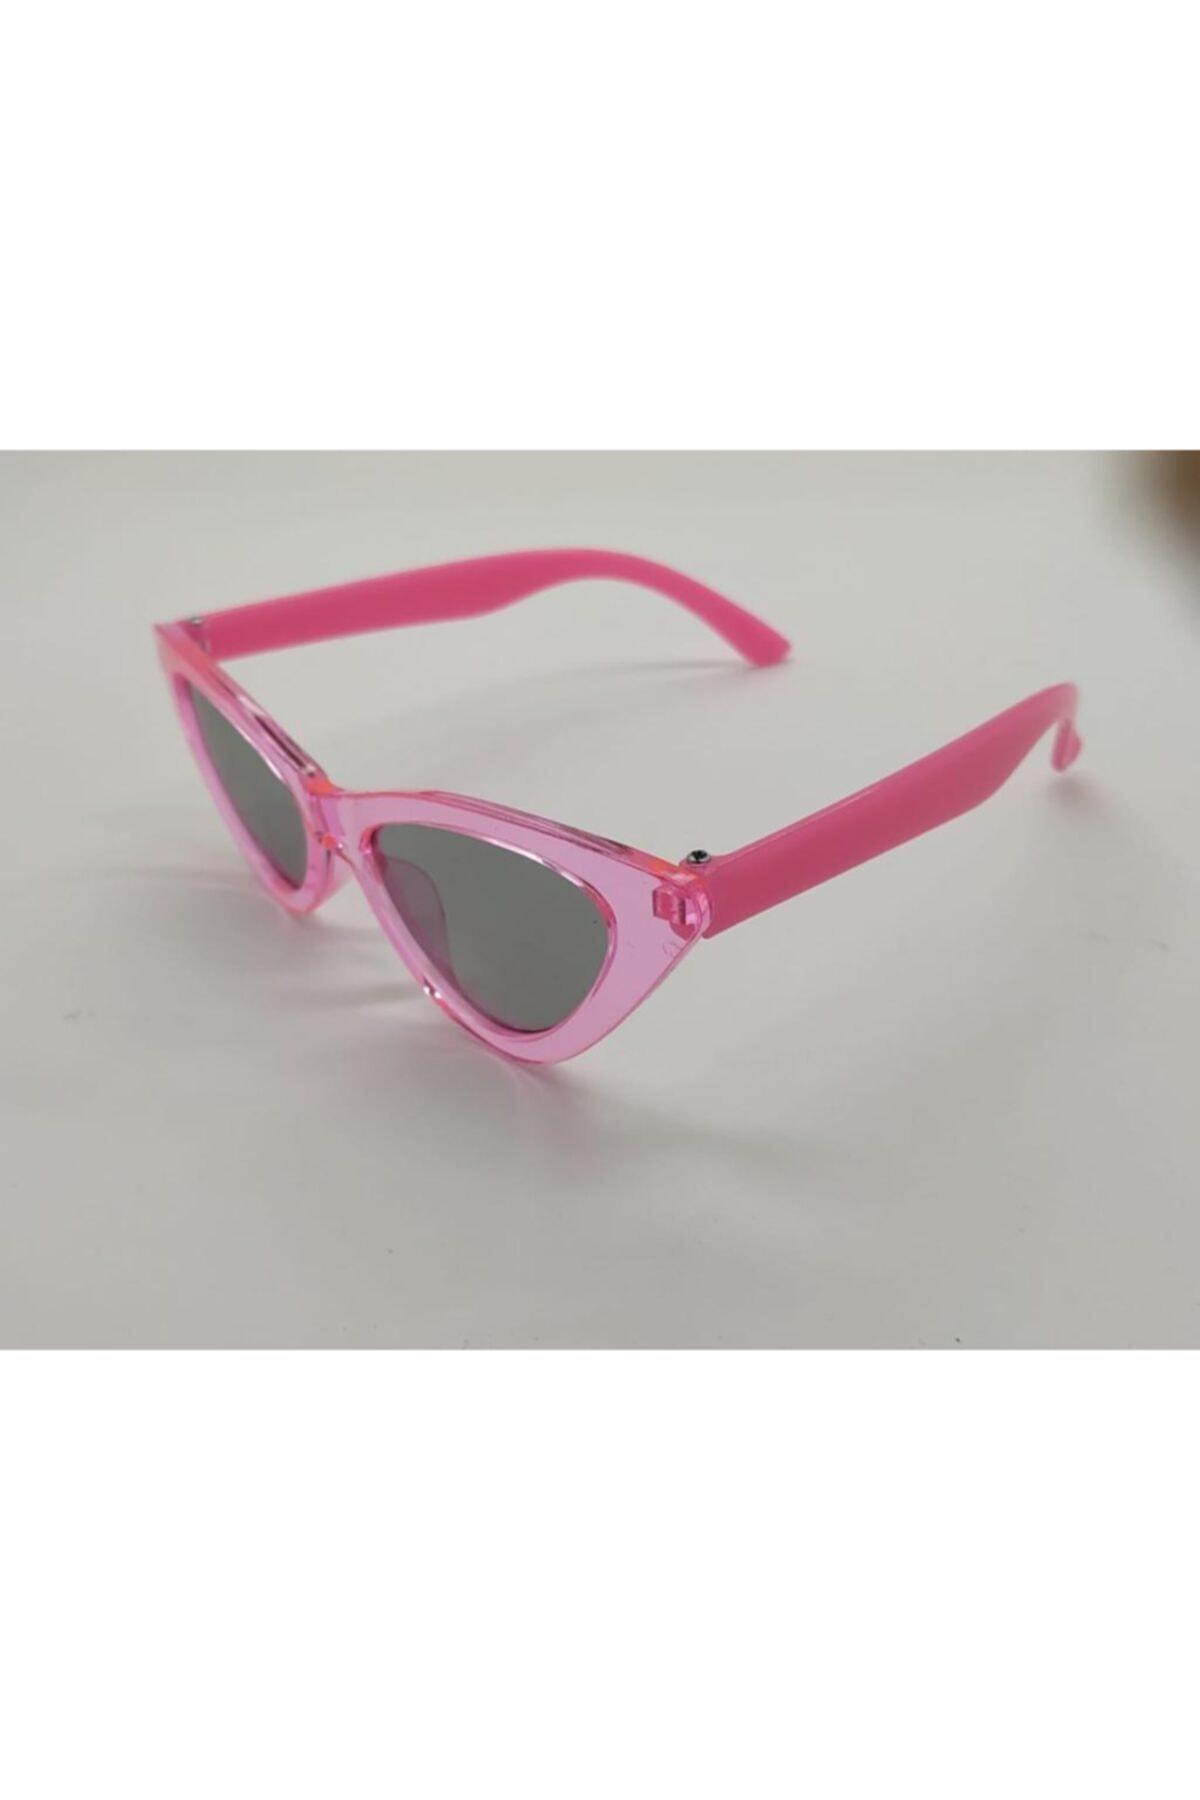 خرید انلاین عینک آفتابی دخترانه طرح دار برند premit رنگ صورتی ty49377763